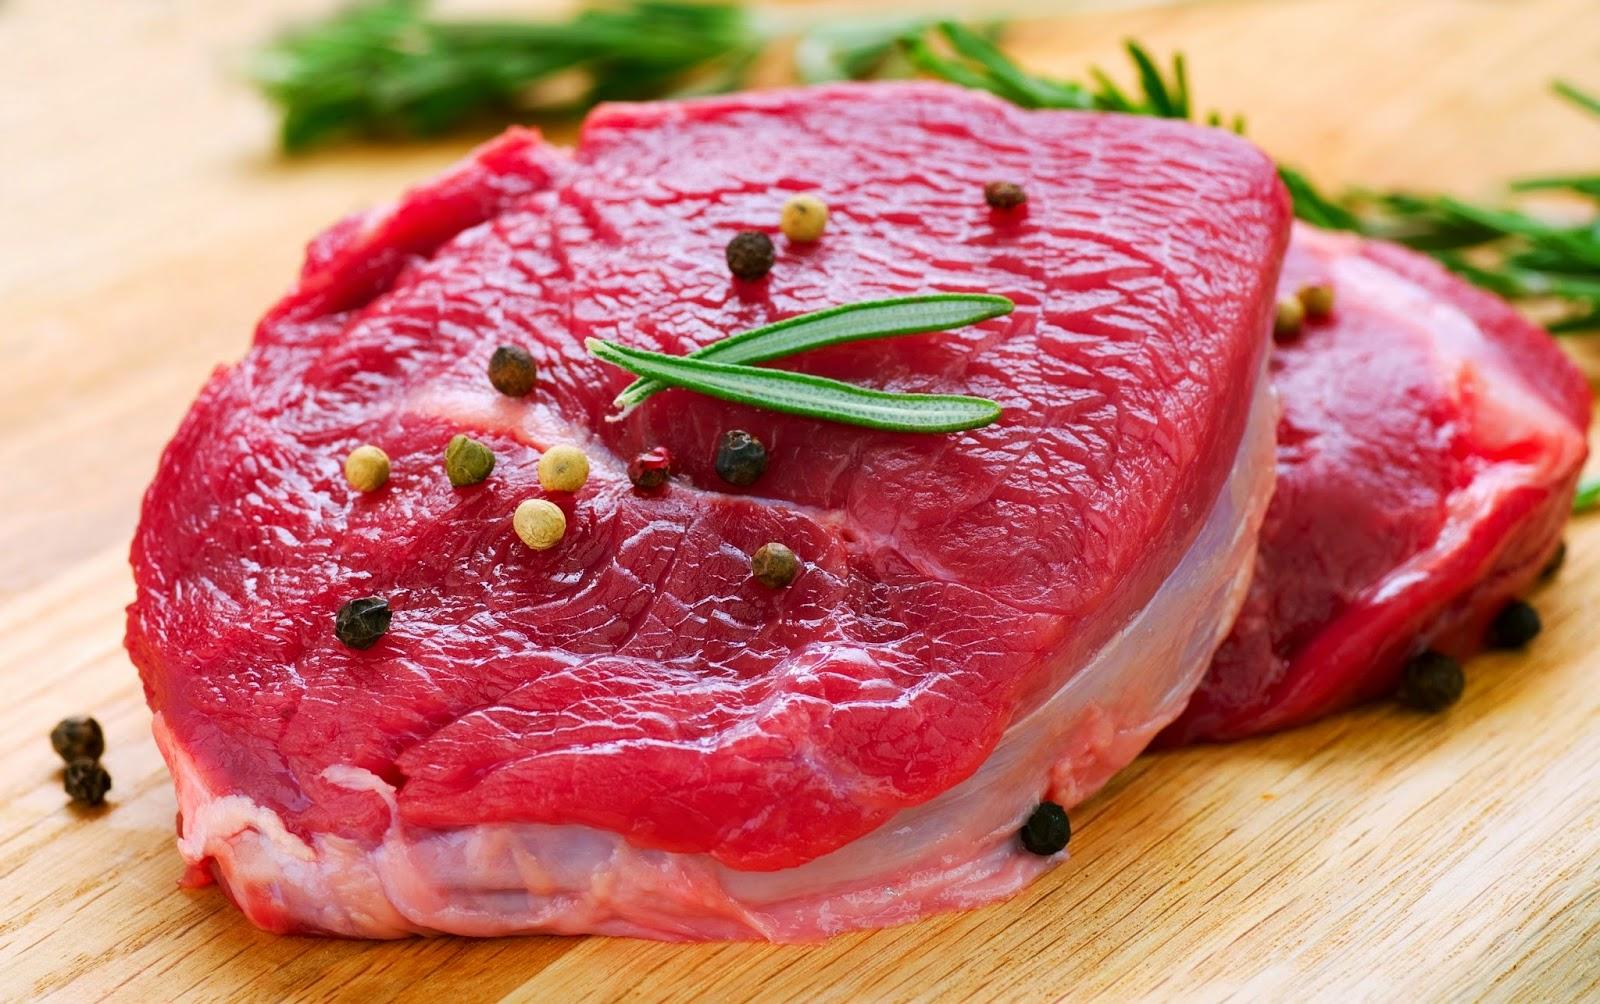 Kiêng thịt bò giúp má lúm mau đẹp tự nhiên nhất